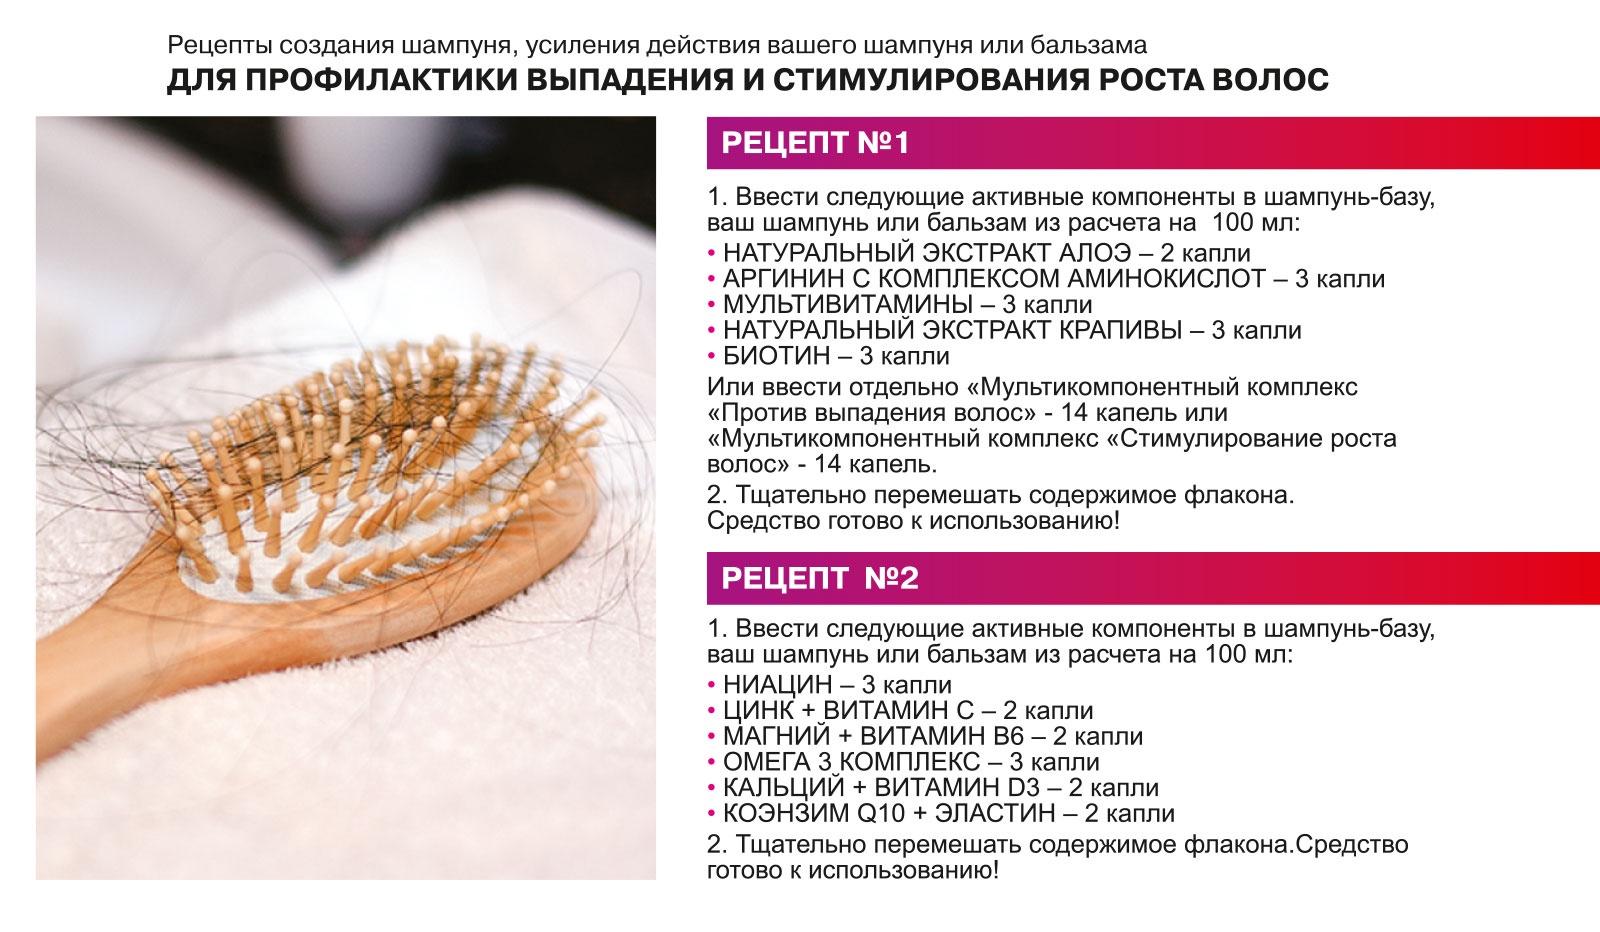 Мультикомпонентный комплекс Стимулирование роста волос, серии  Линия HandMade  5 ml ЛИНИЯ HANDMADE